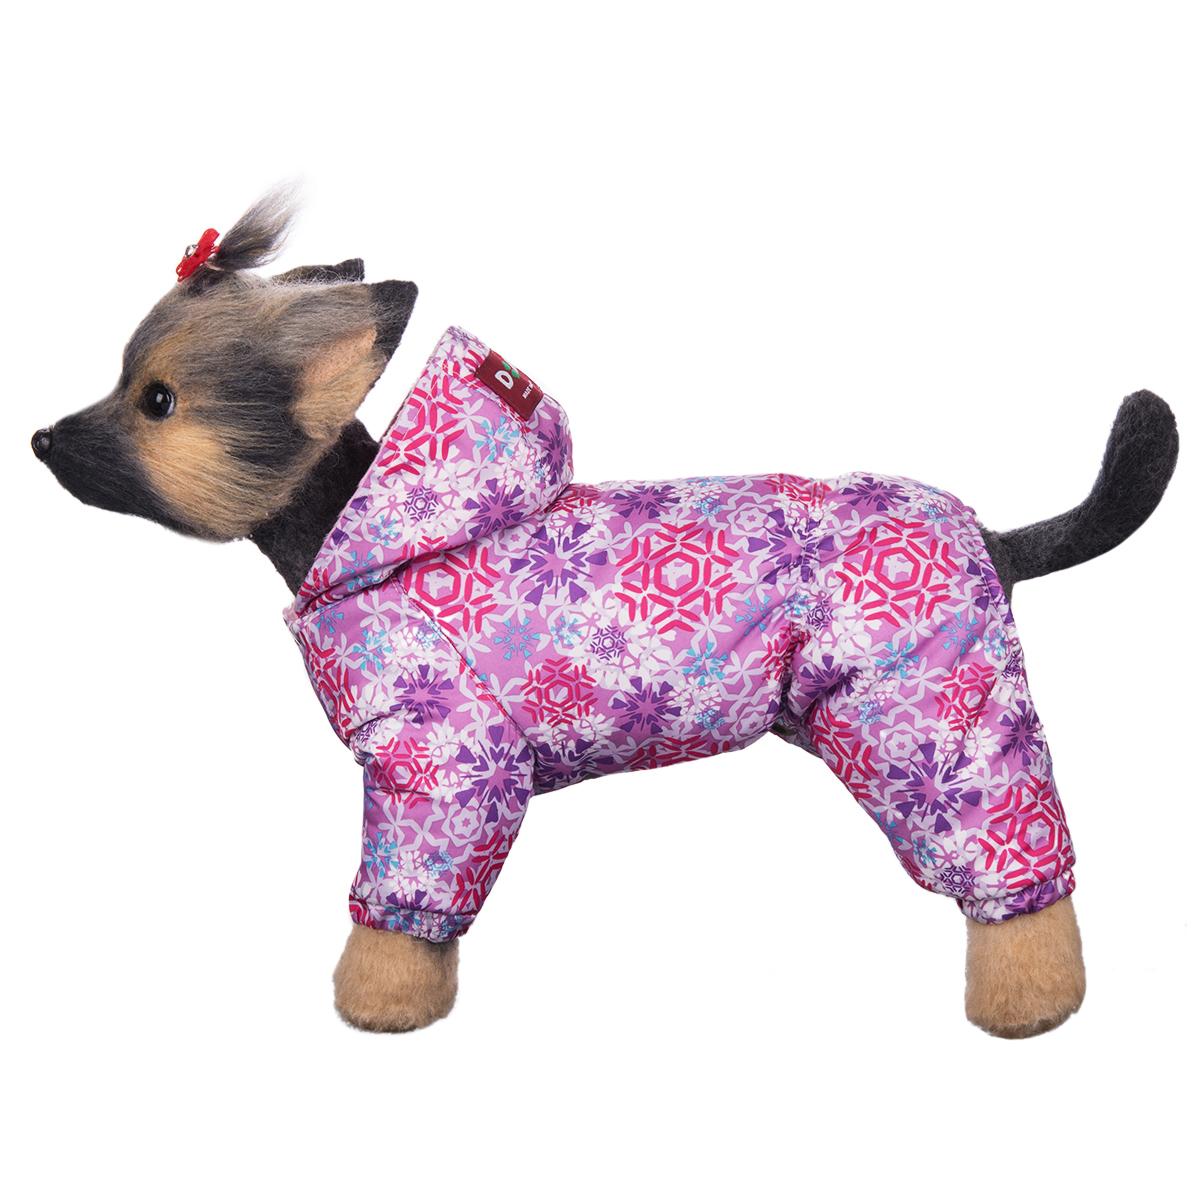 Комбинезон для собак Dogmoda Зима, зимний, для девочки, цвет: розовый, белый. Размер 1 (S) догмода футболка с капюшоном для собак dogmoda 1